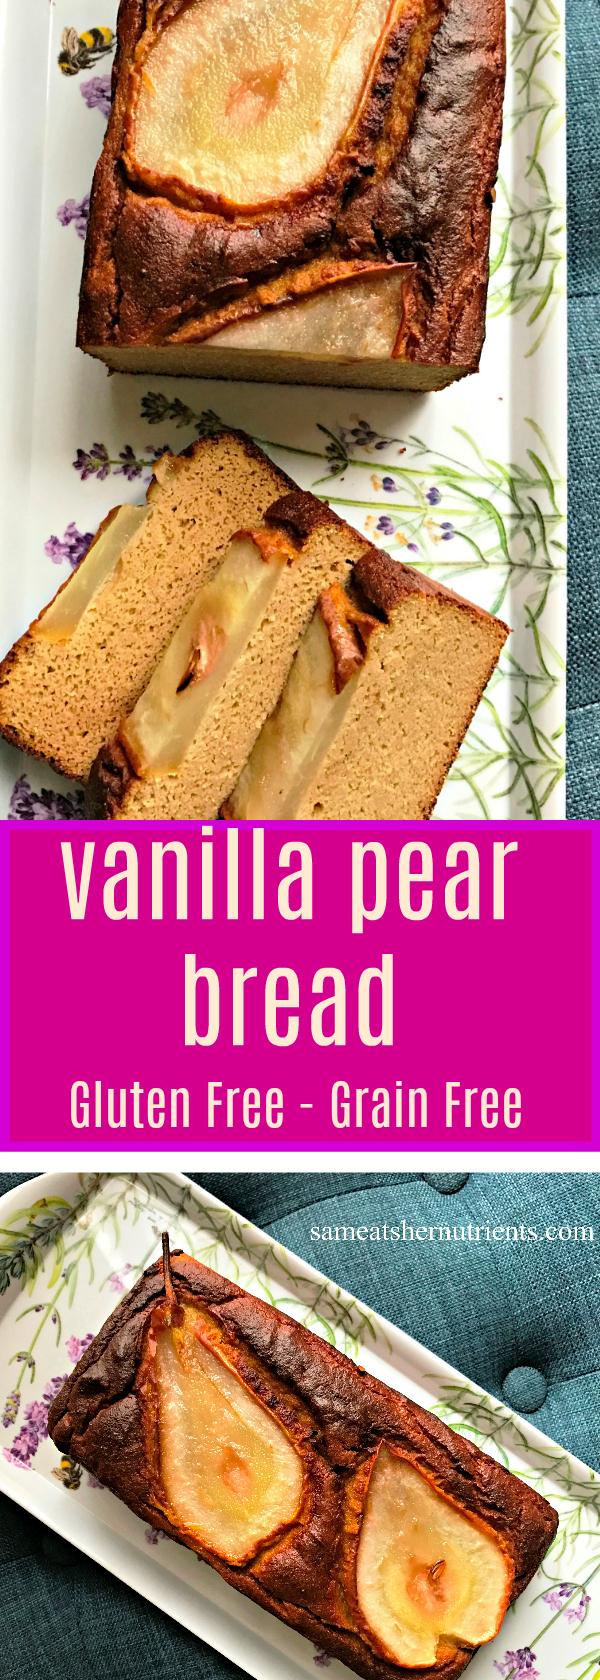 Vanilla Pear Bread Gluten Free Grain Free